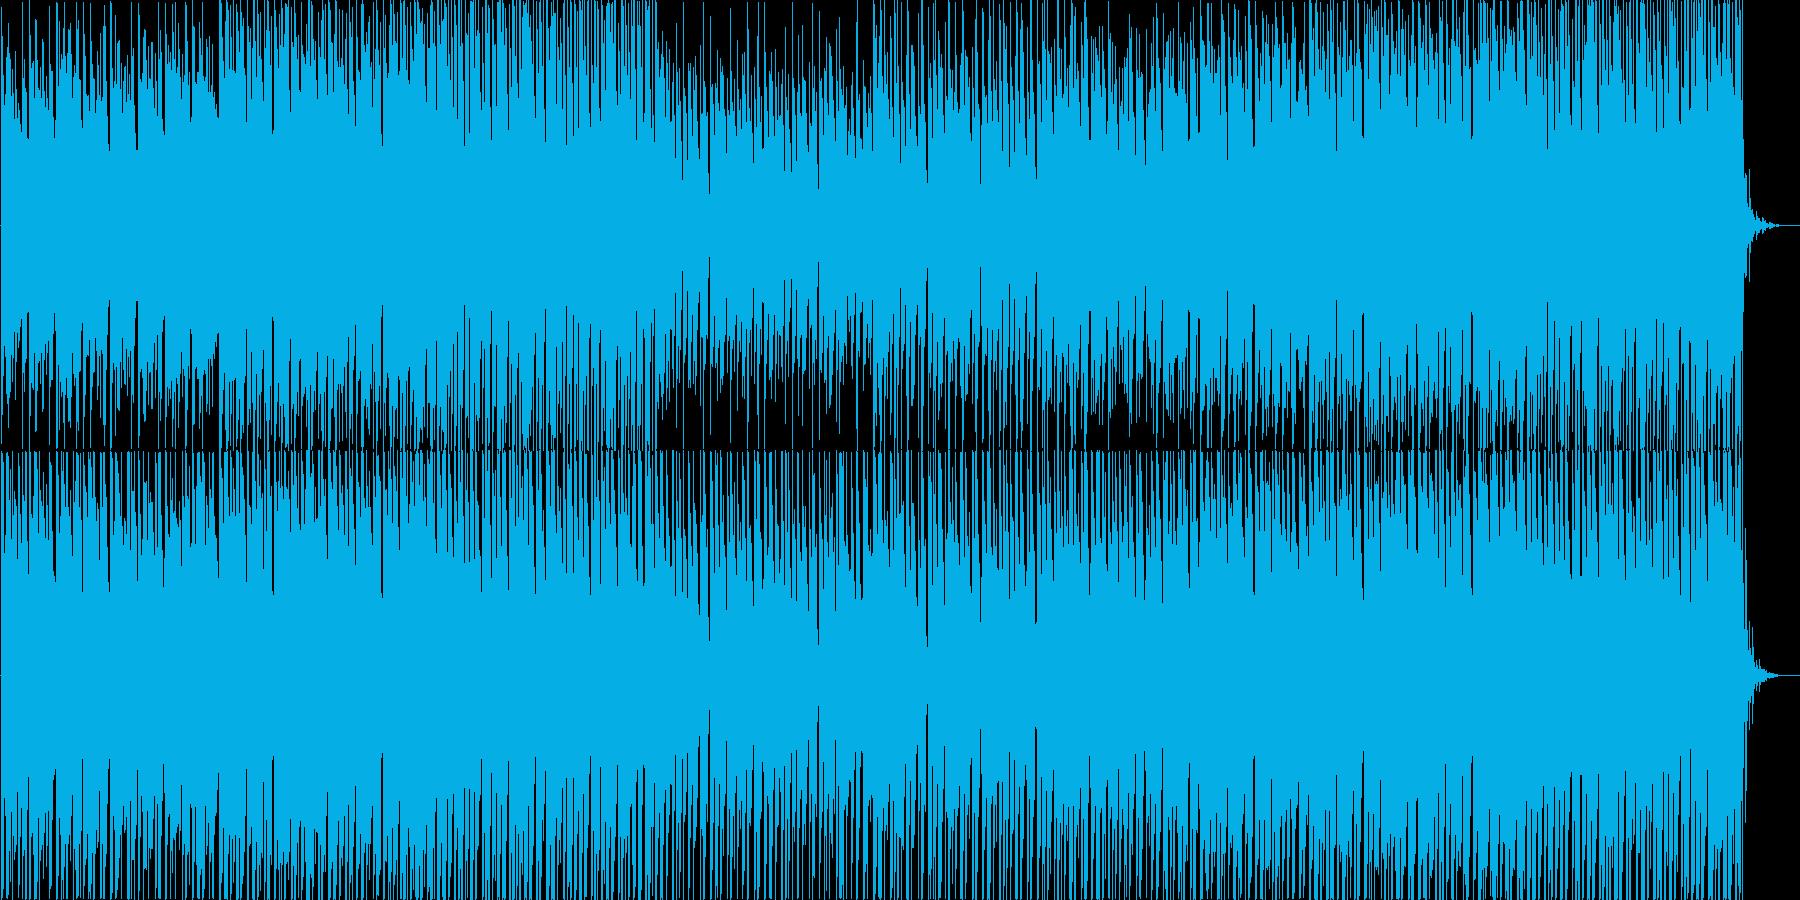 近未来系で軽快なダウンテンポEDMポップの再生済みの波形